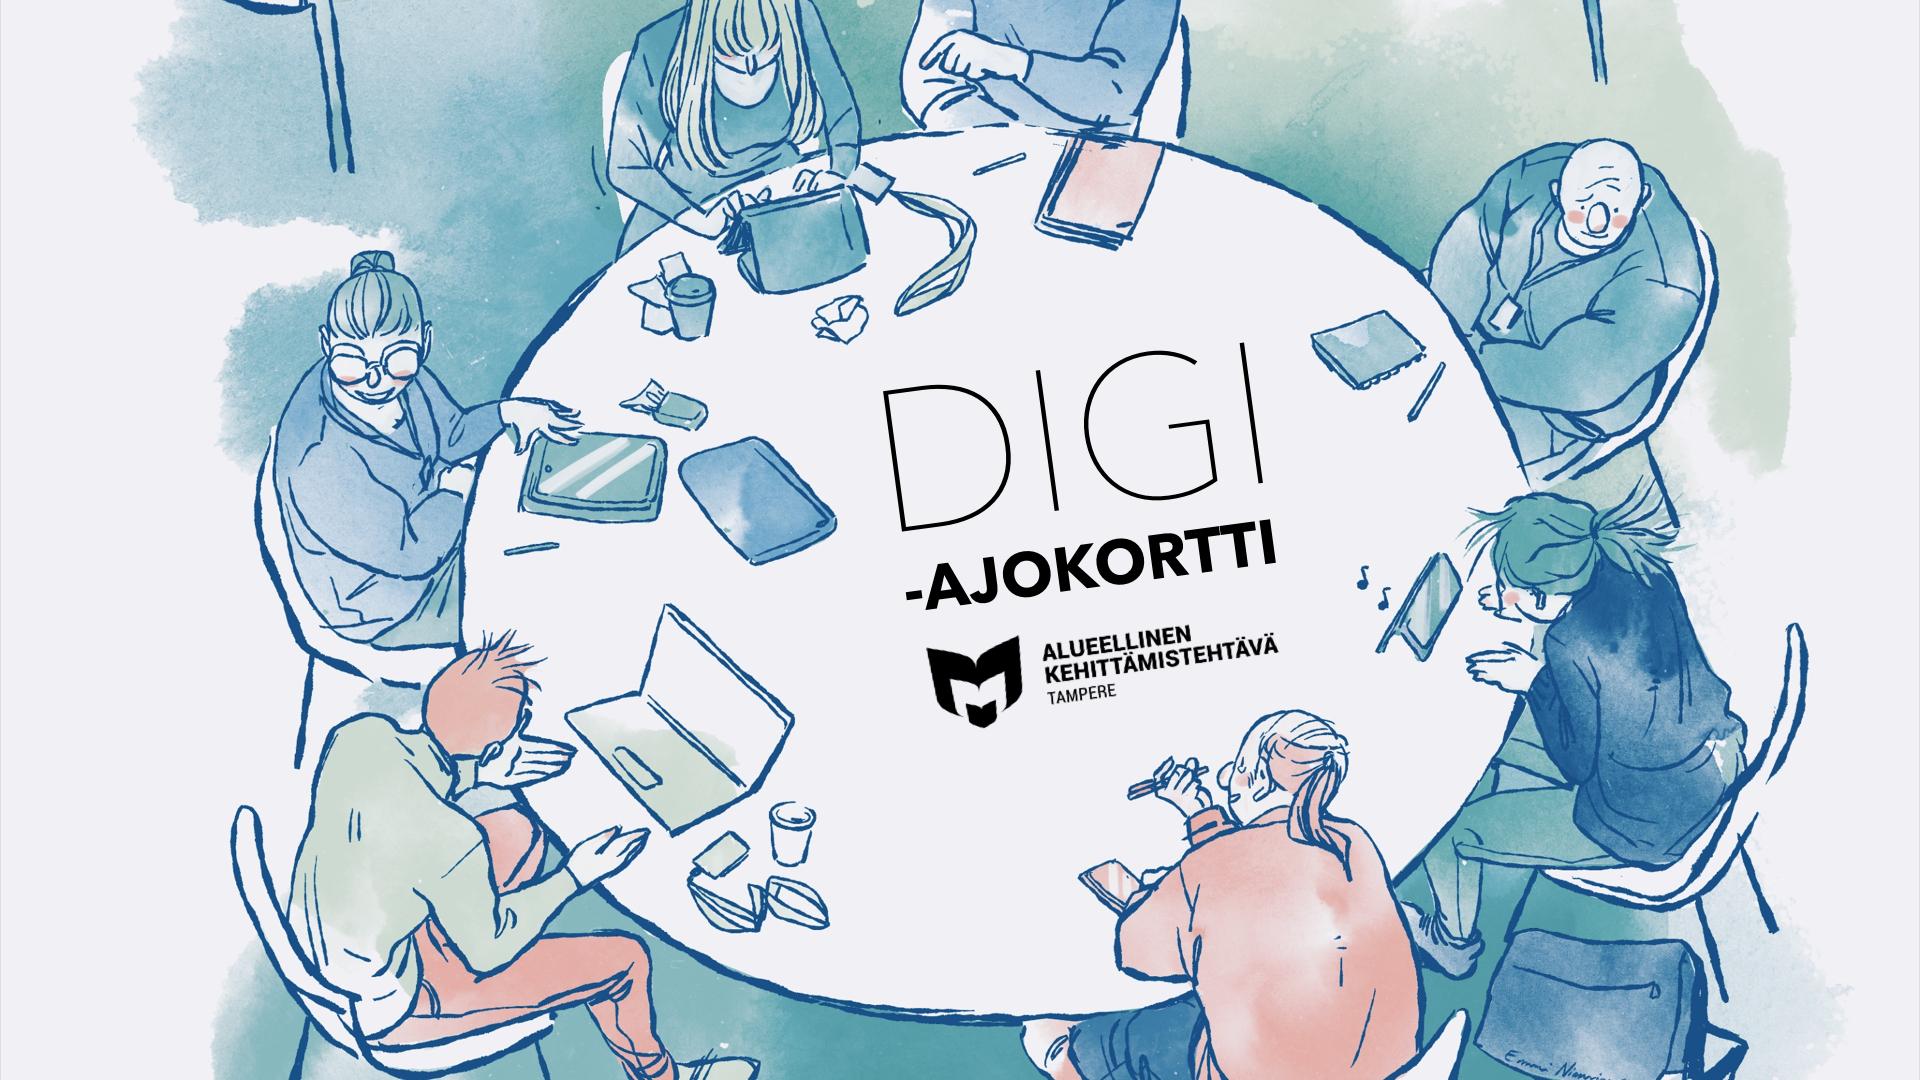 Kuvassa piirroshahmot ovat istumassa pyöreän pöydän ympärillä. Heillä on erilaisia digilaitteita ja he pohtivat yhdessä digiasioita. Kuvassa on myös Digiajokortti-logo.